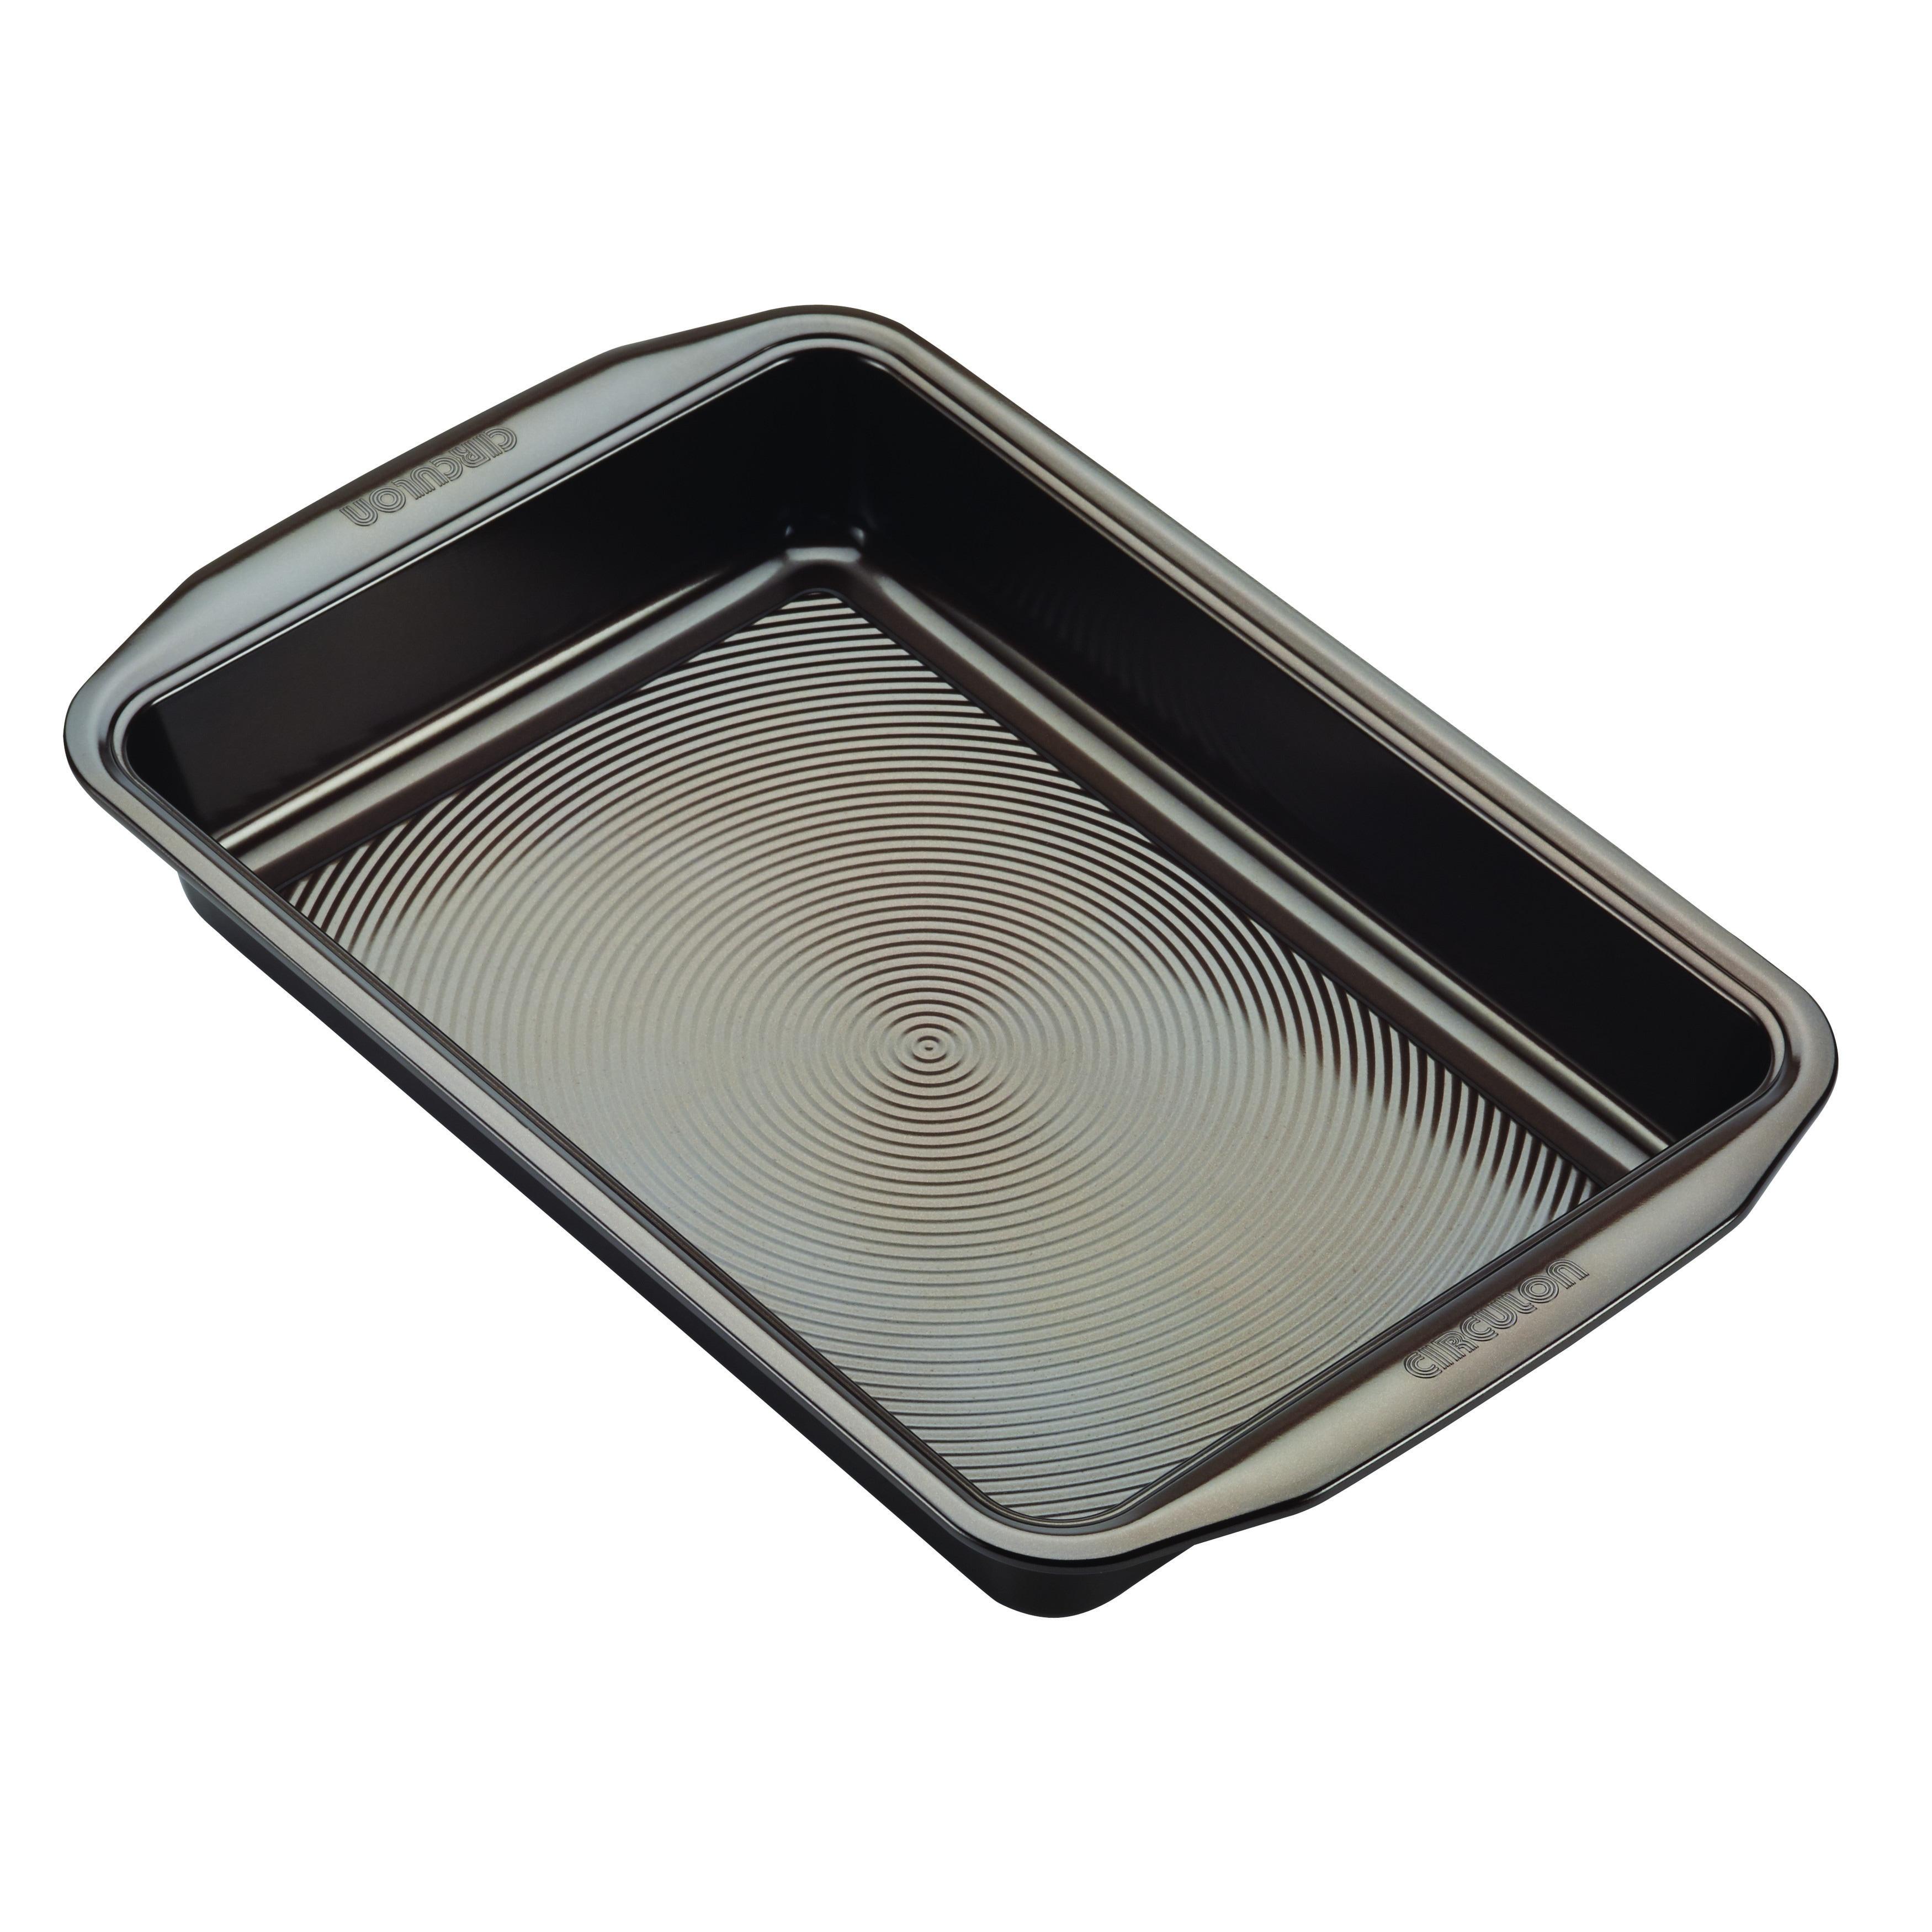 Round Kitchen & Dining Gray Farberware Nonstick Bakeware 9-Inch x ...